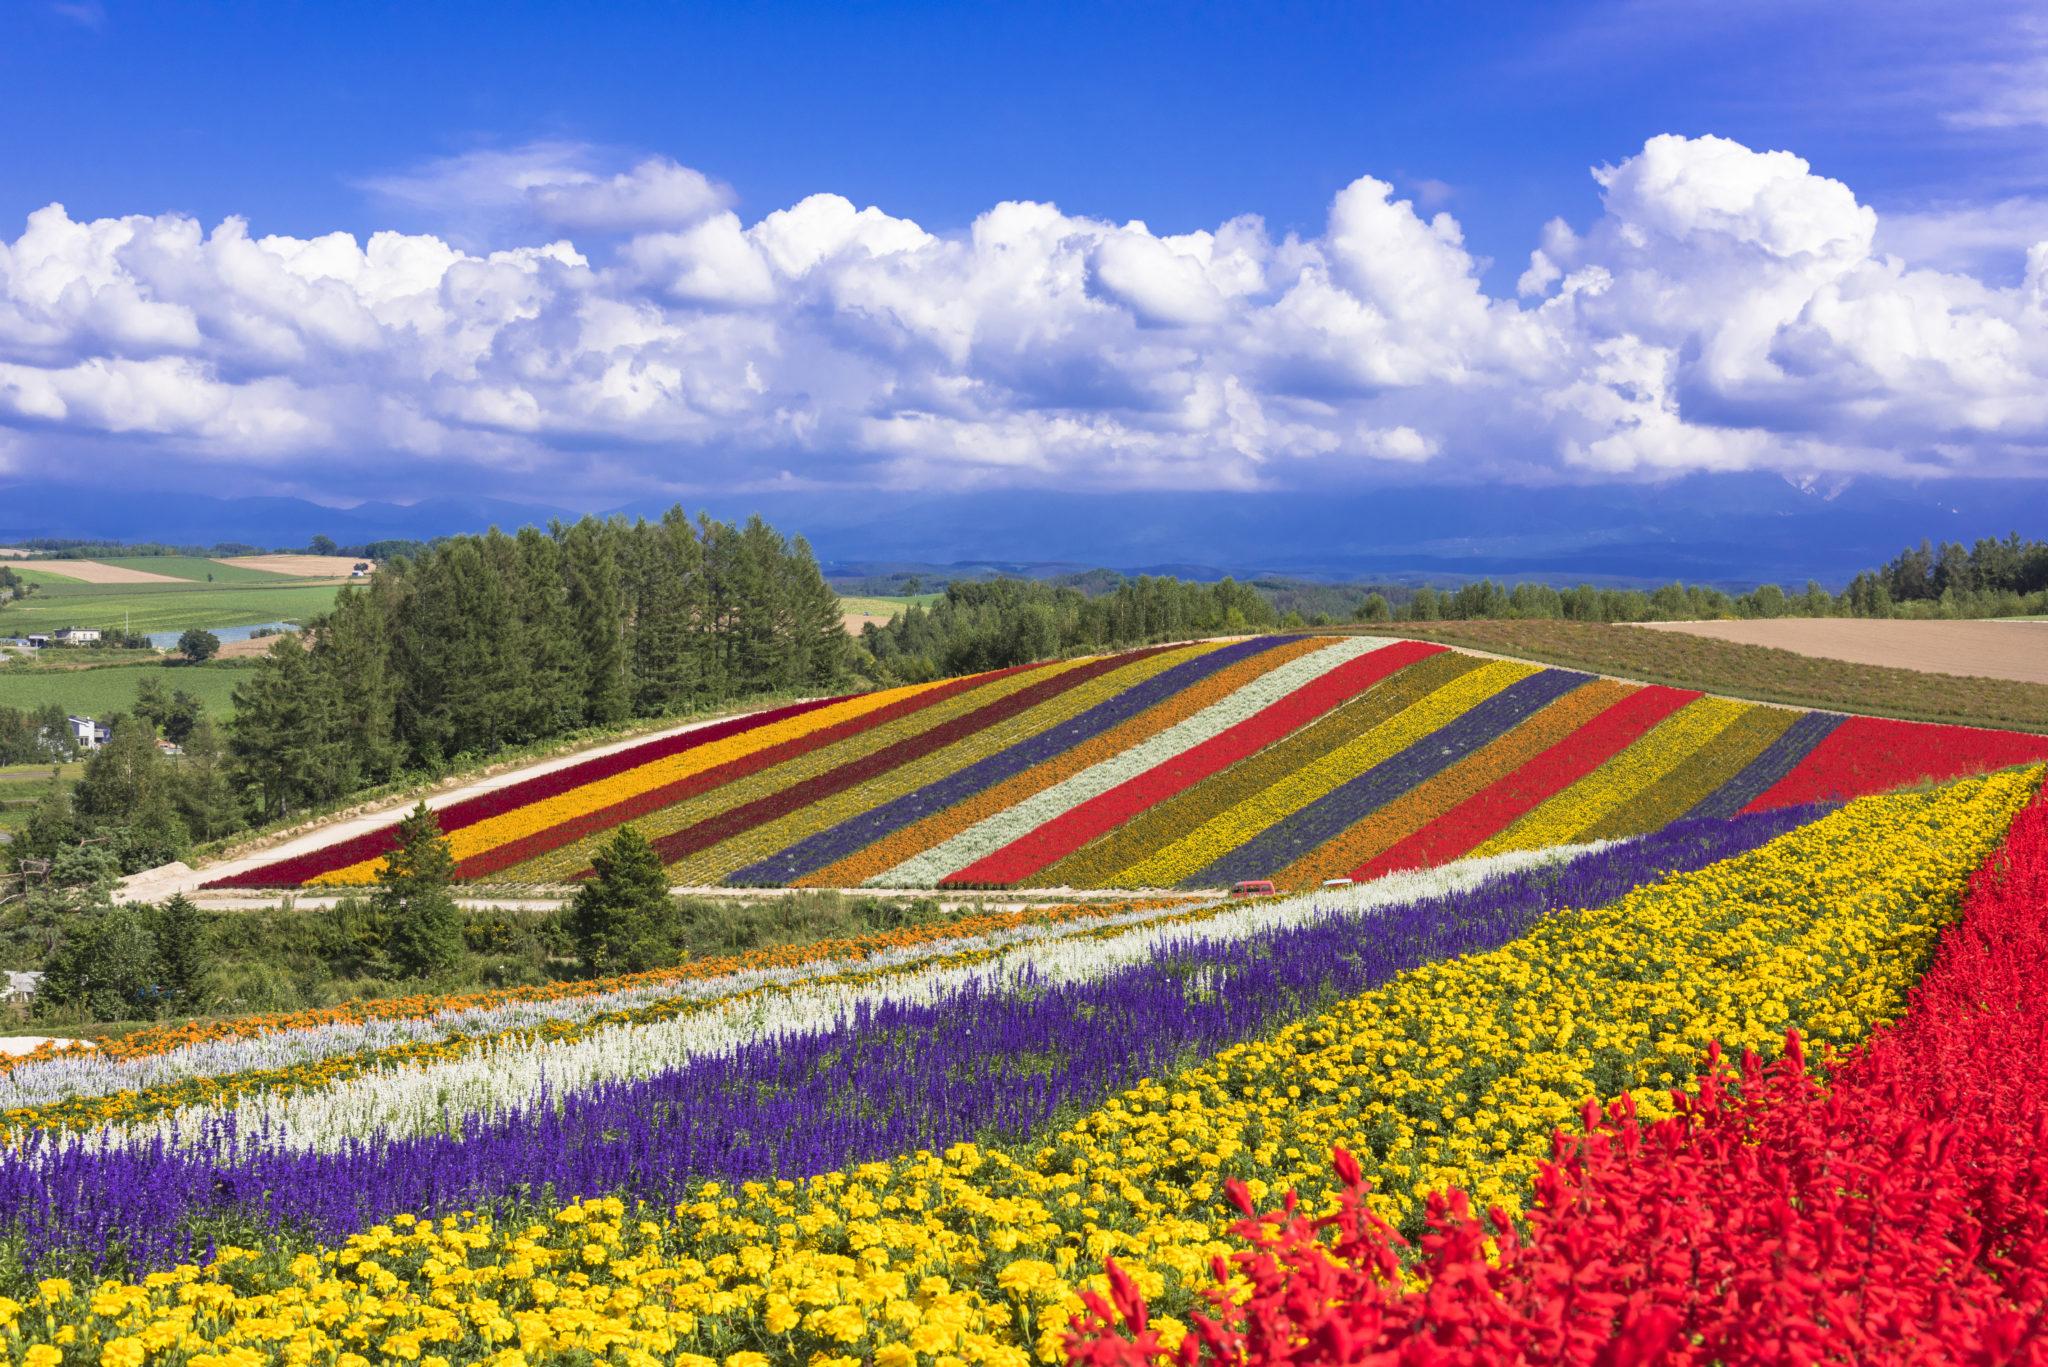 美瑛パノラマロードのお花畑